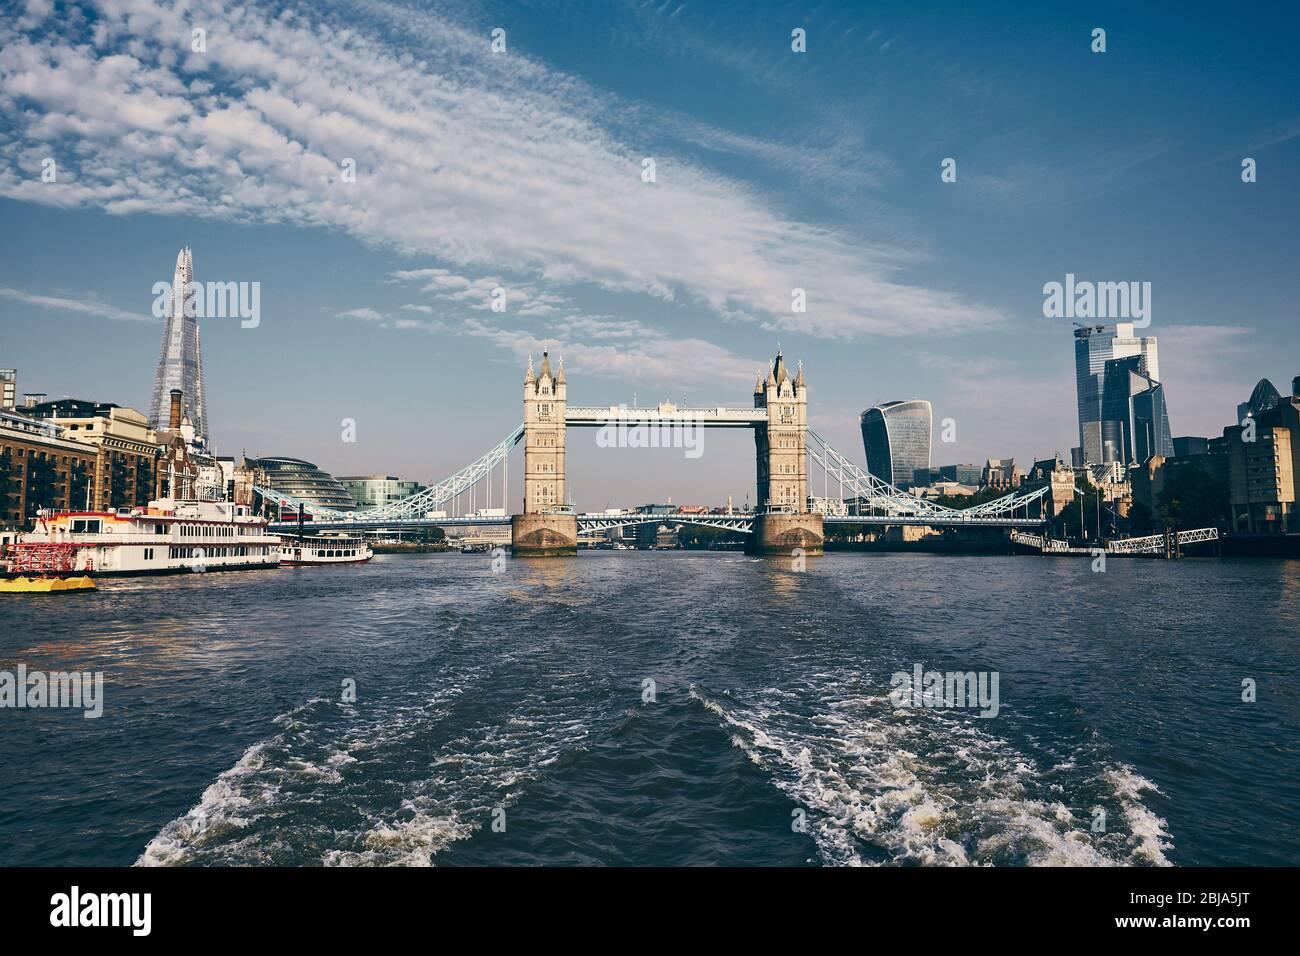 Tower Bridge en el centro de la ciudad. Vista desde lancha rápida sobre el río Támesis. Londres, Reino Unido. Foto de stock